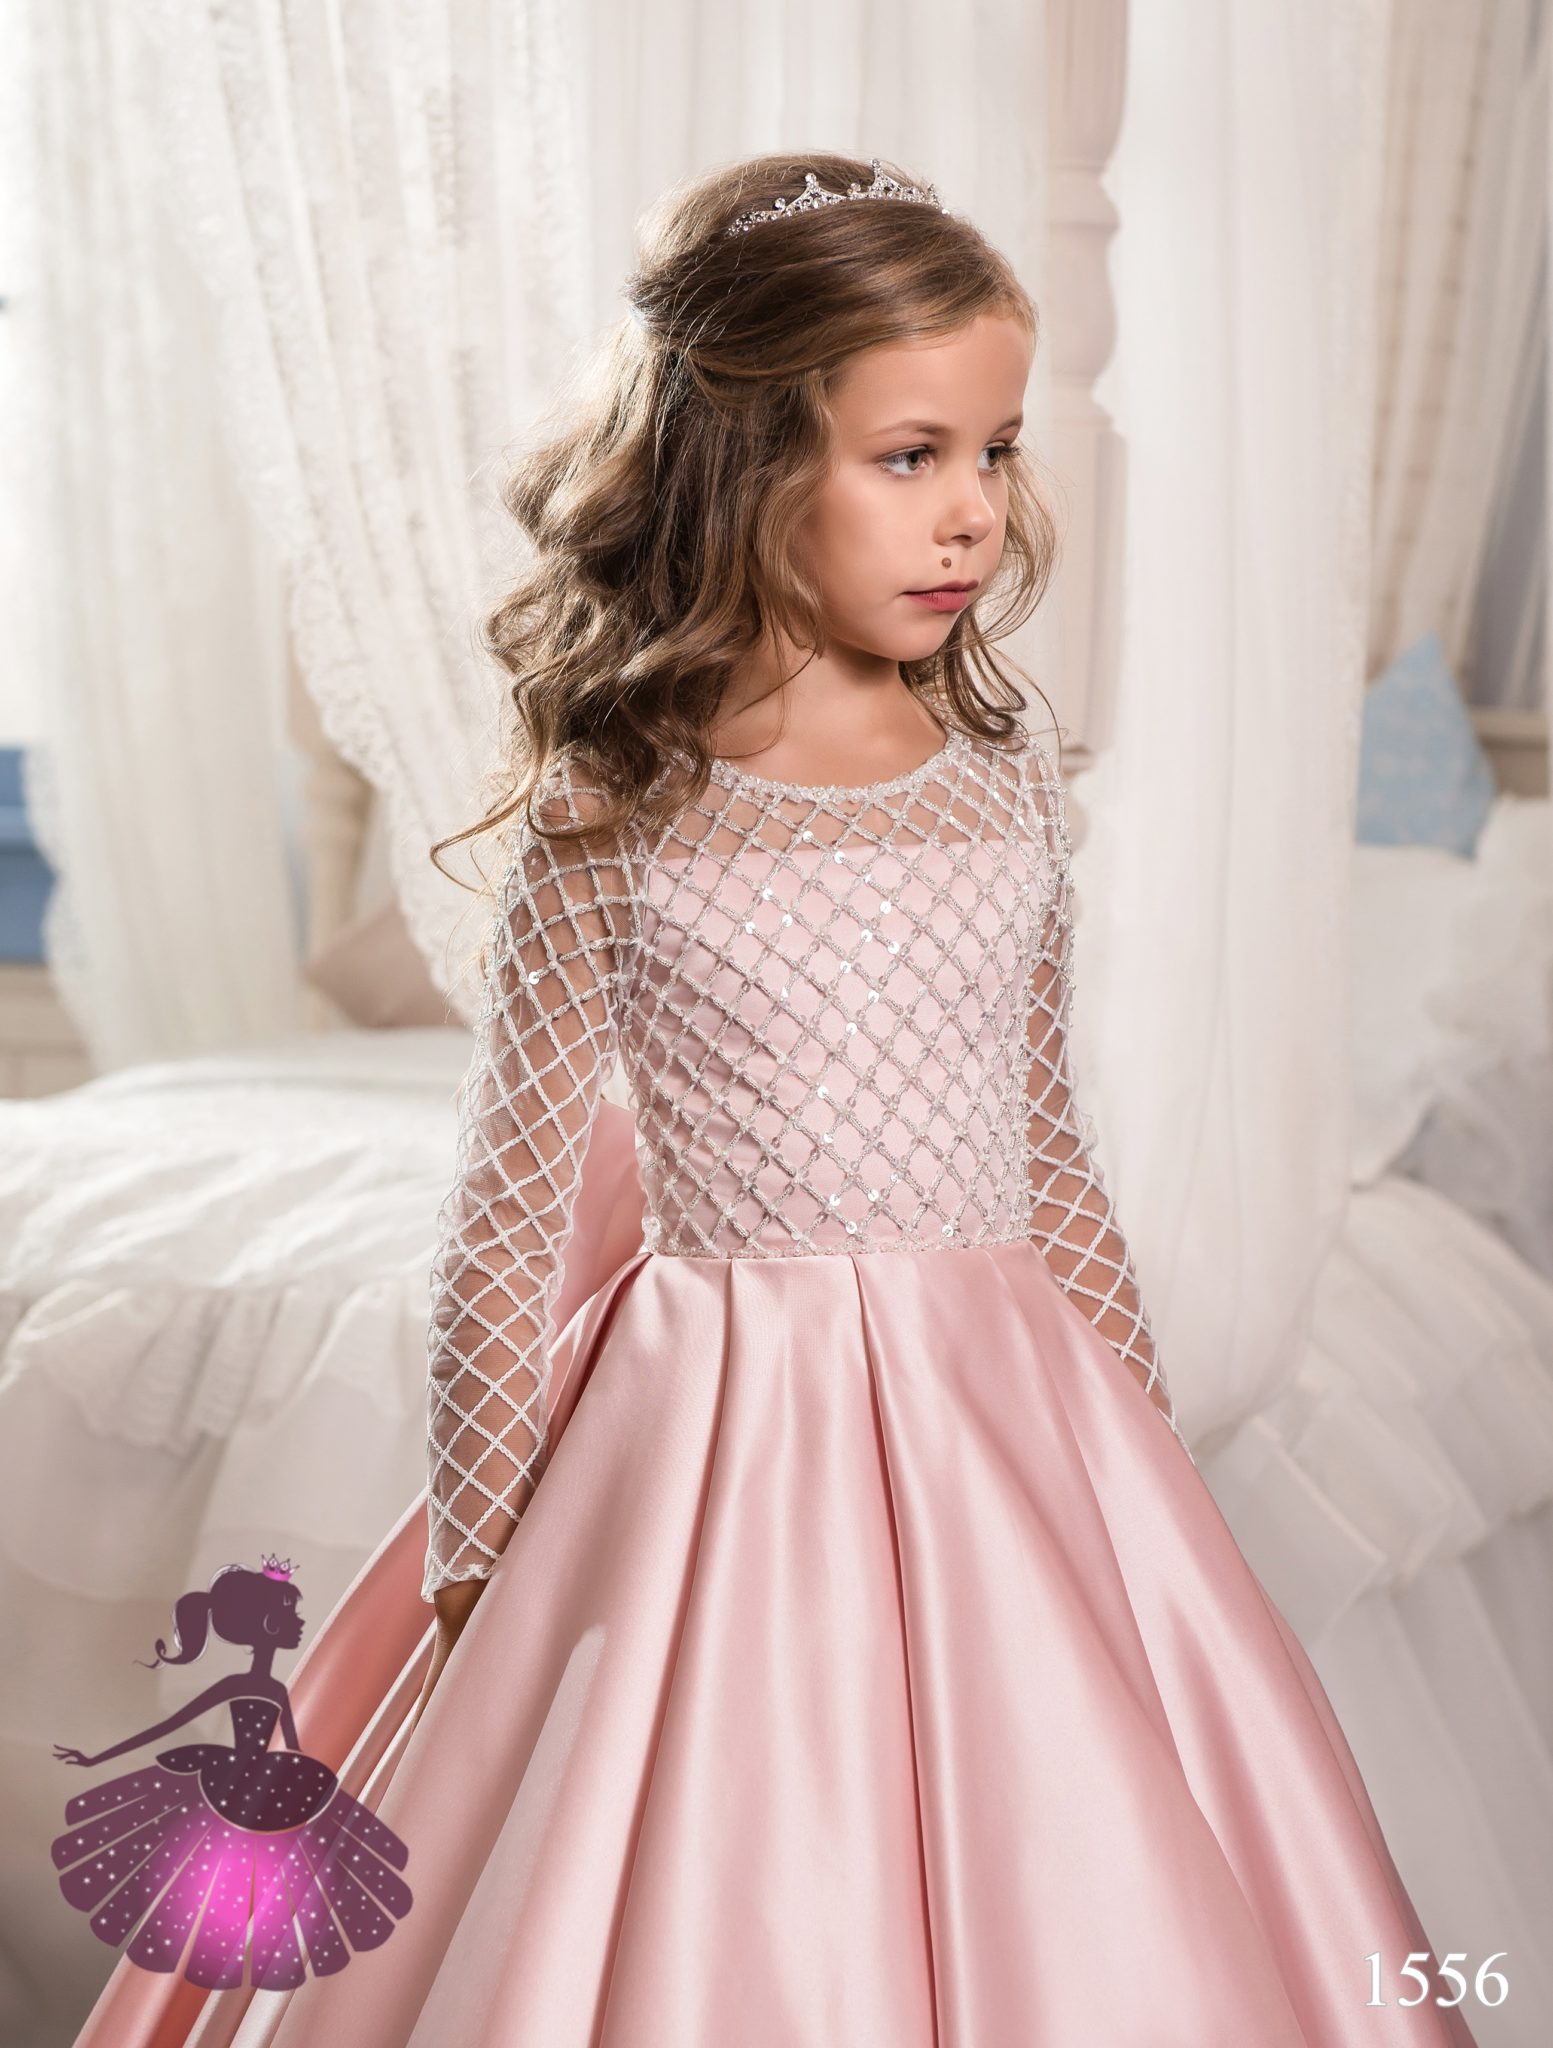 Аренда платьев Little queen dress в фотостудии Frontpage 1556 2